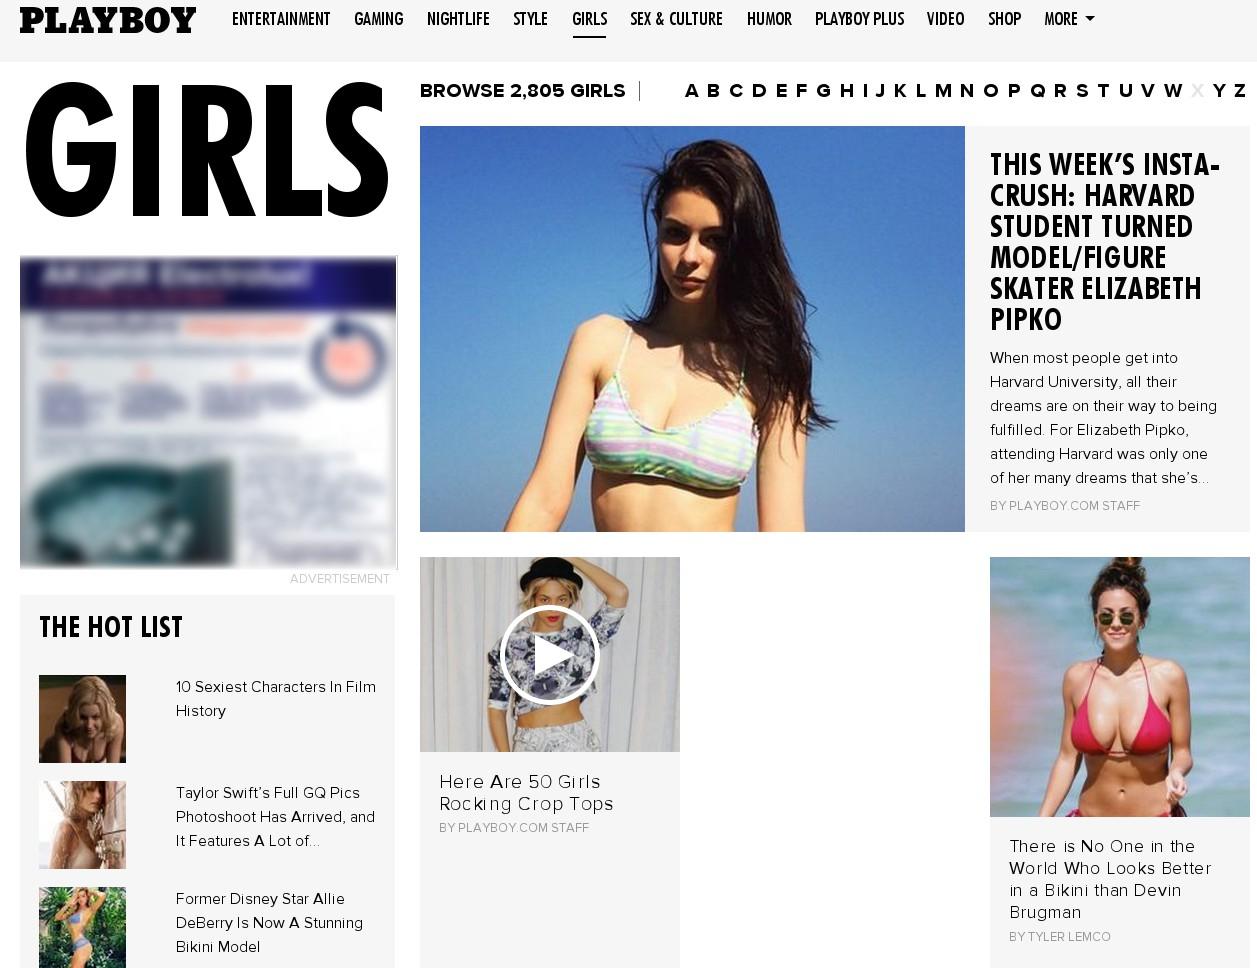 На сайте Playboy даже в разделе Girls обнажённой натуры нет уже сейчас.